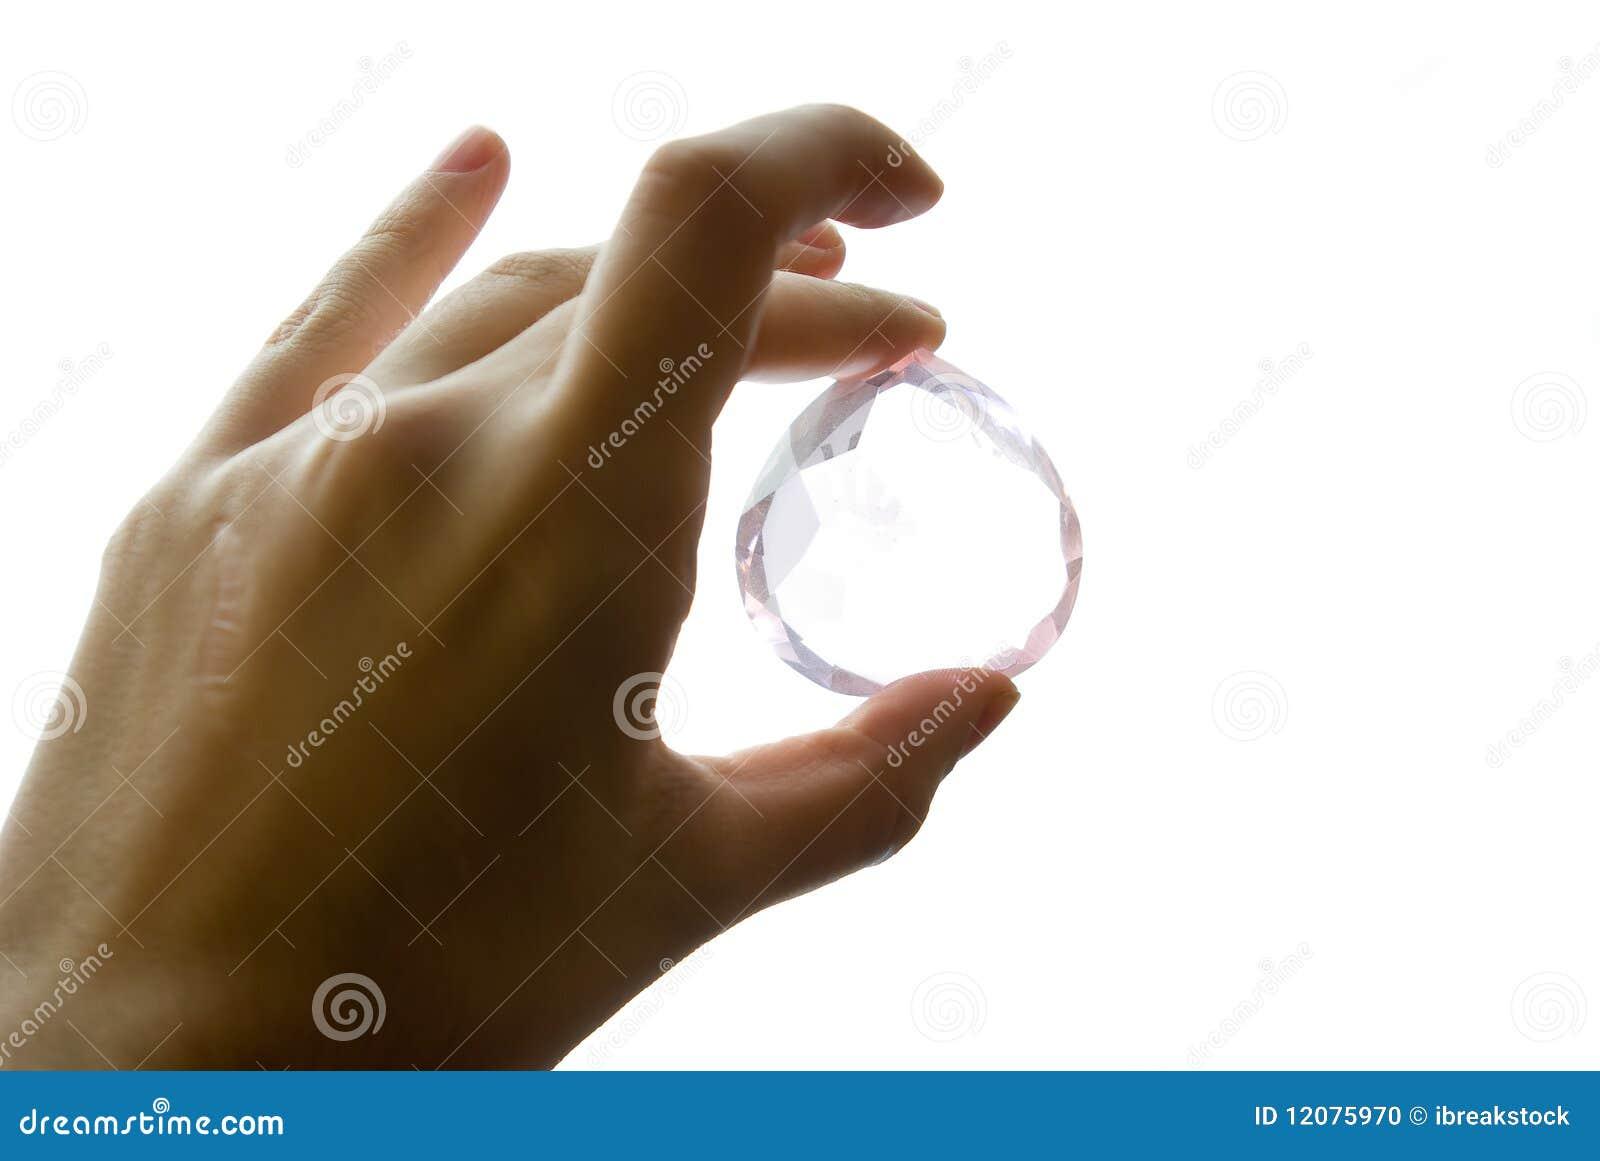 Jewl удерживания руки самоцвета рассмотрения